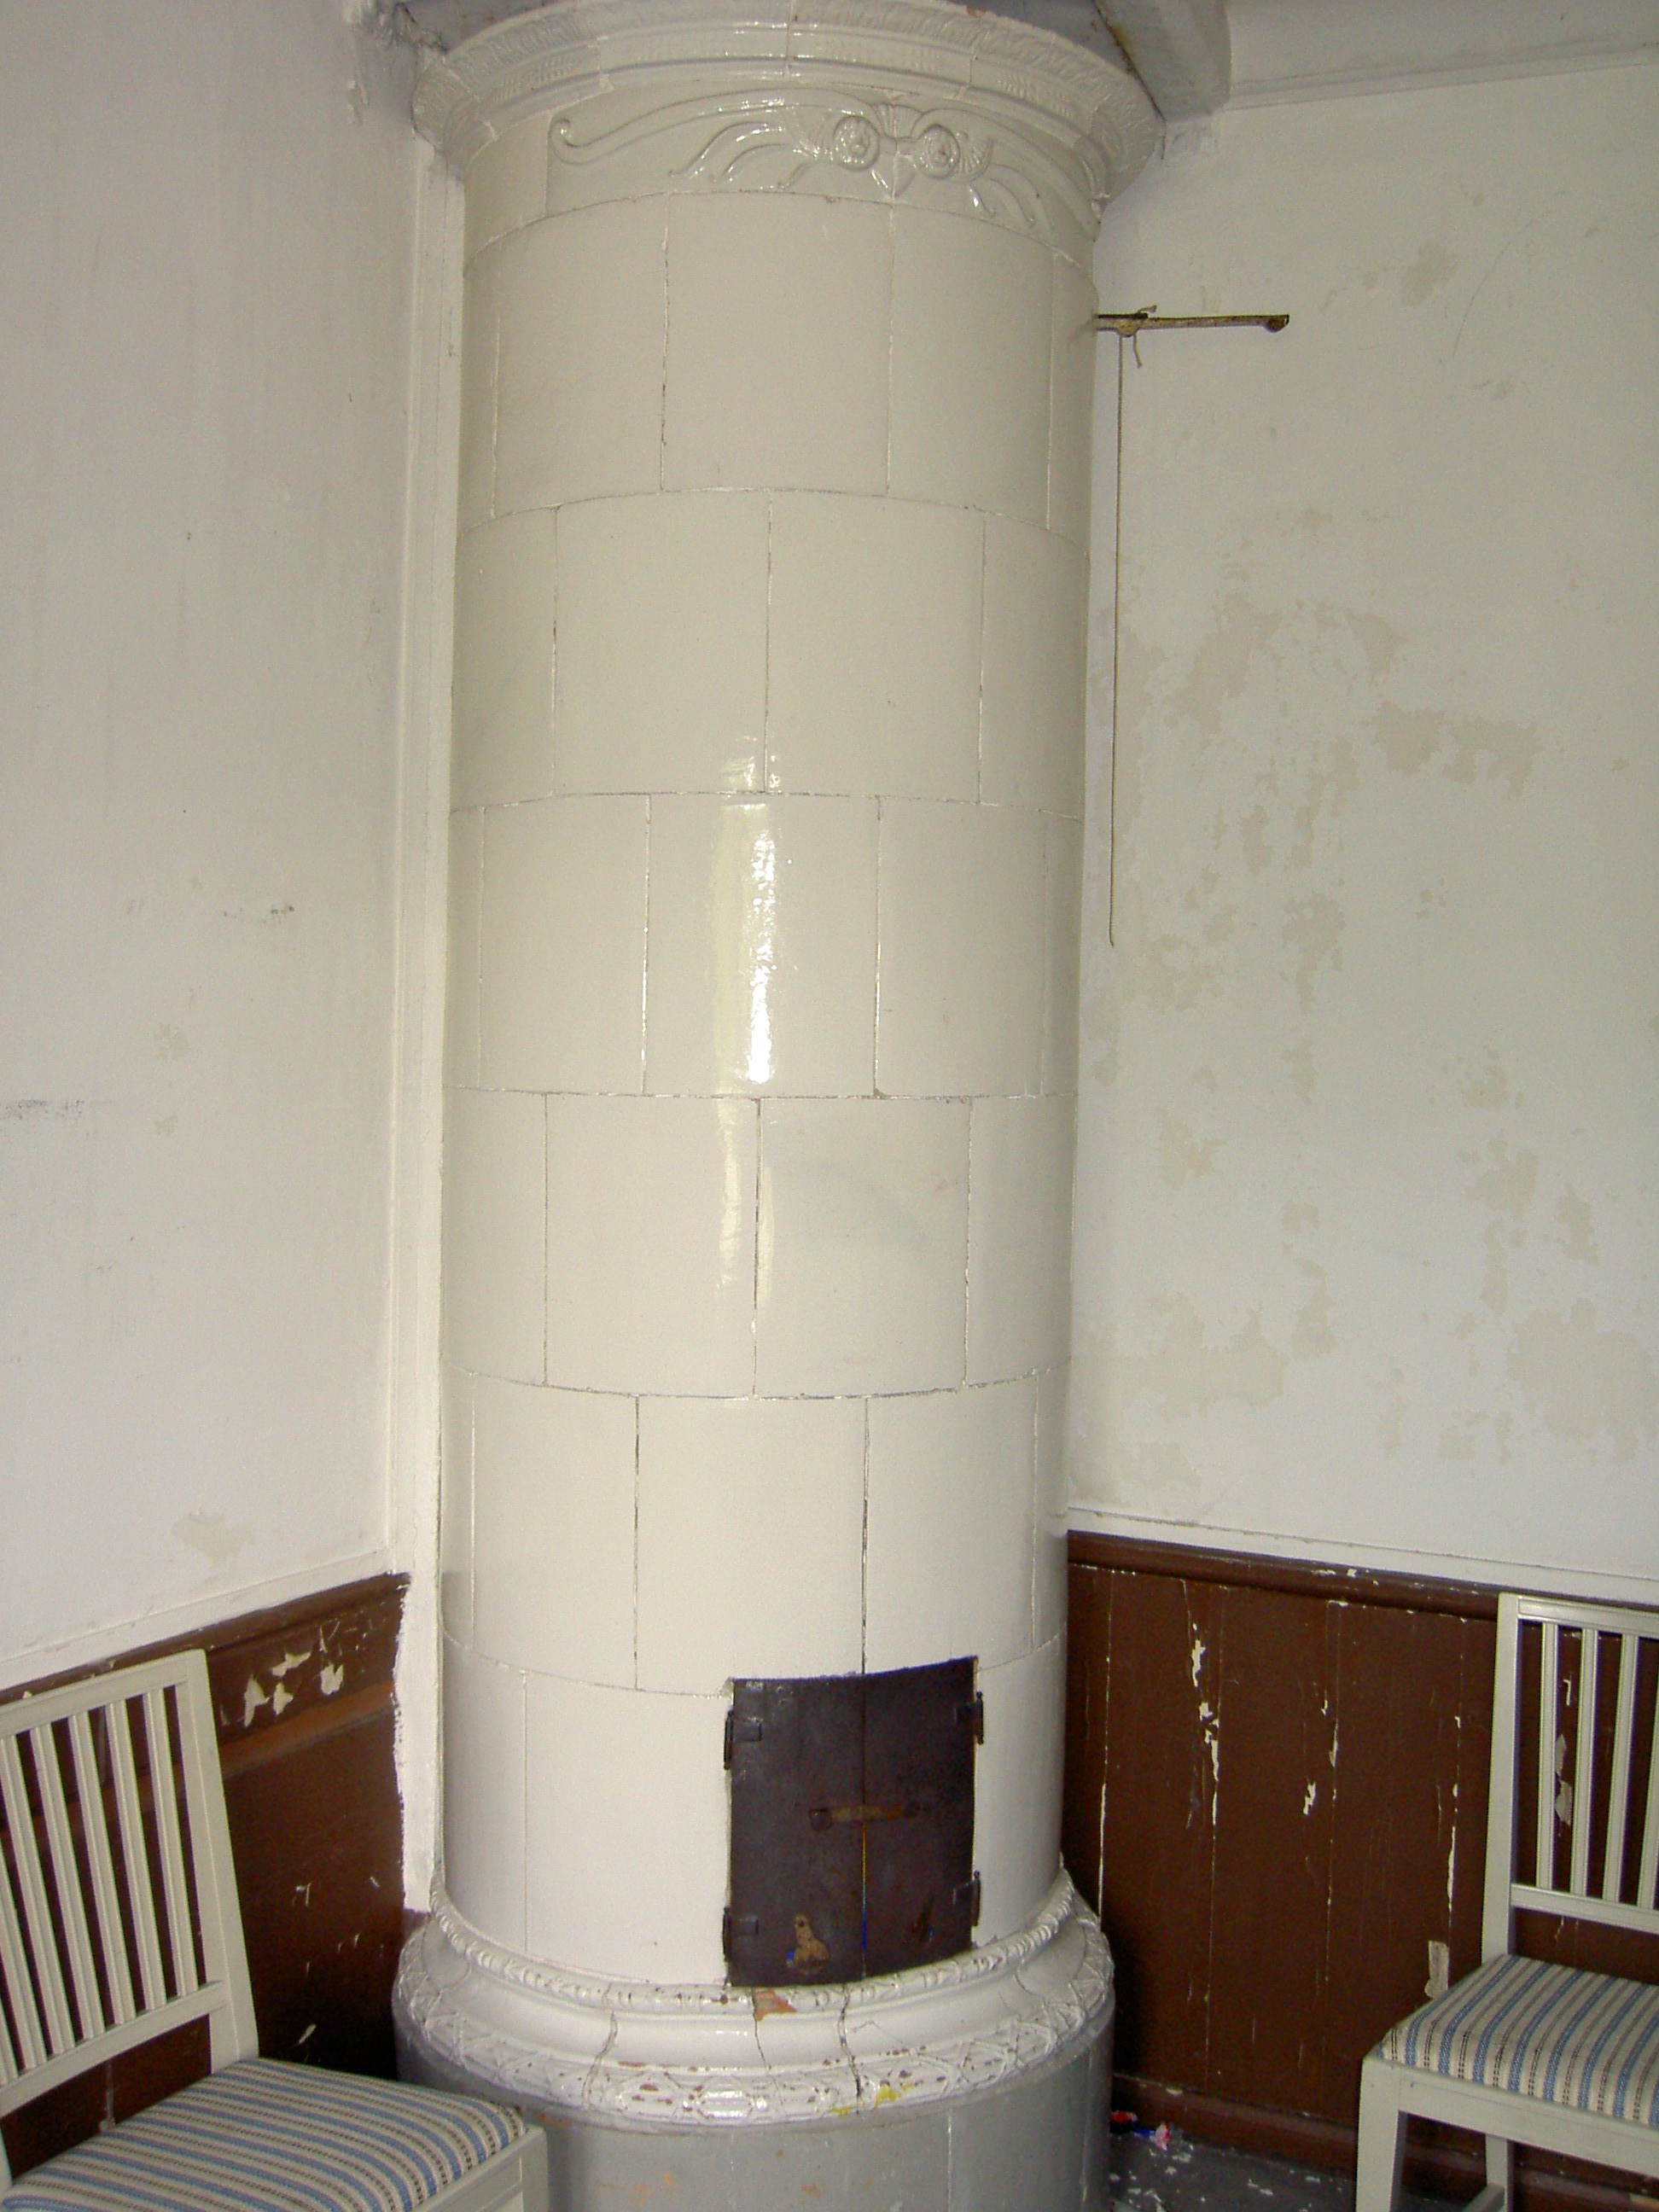 tiled stoves